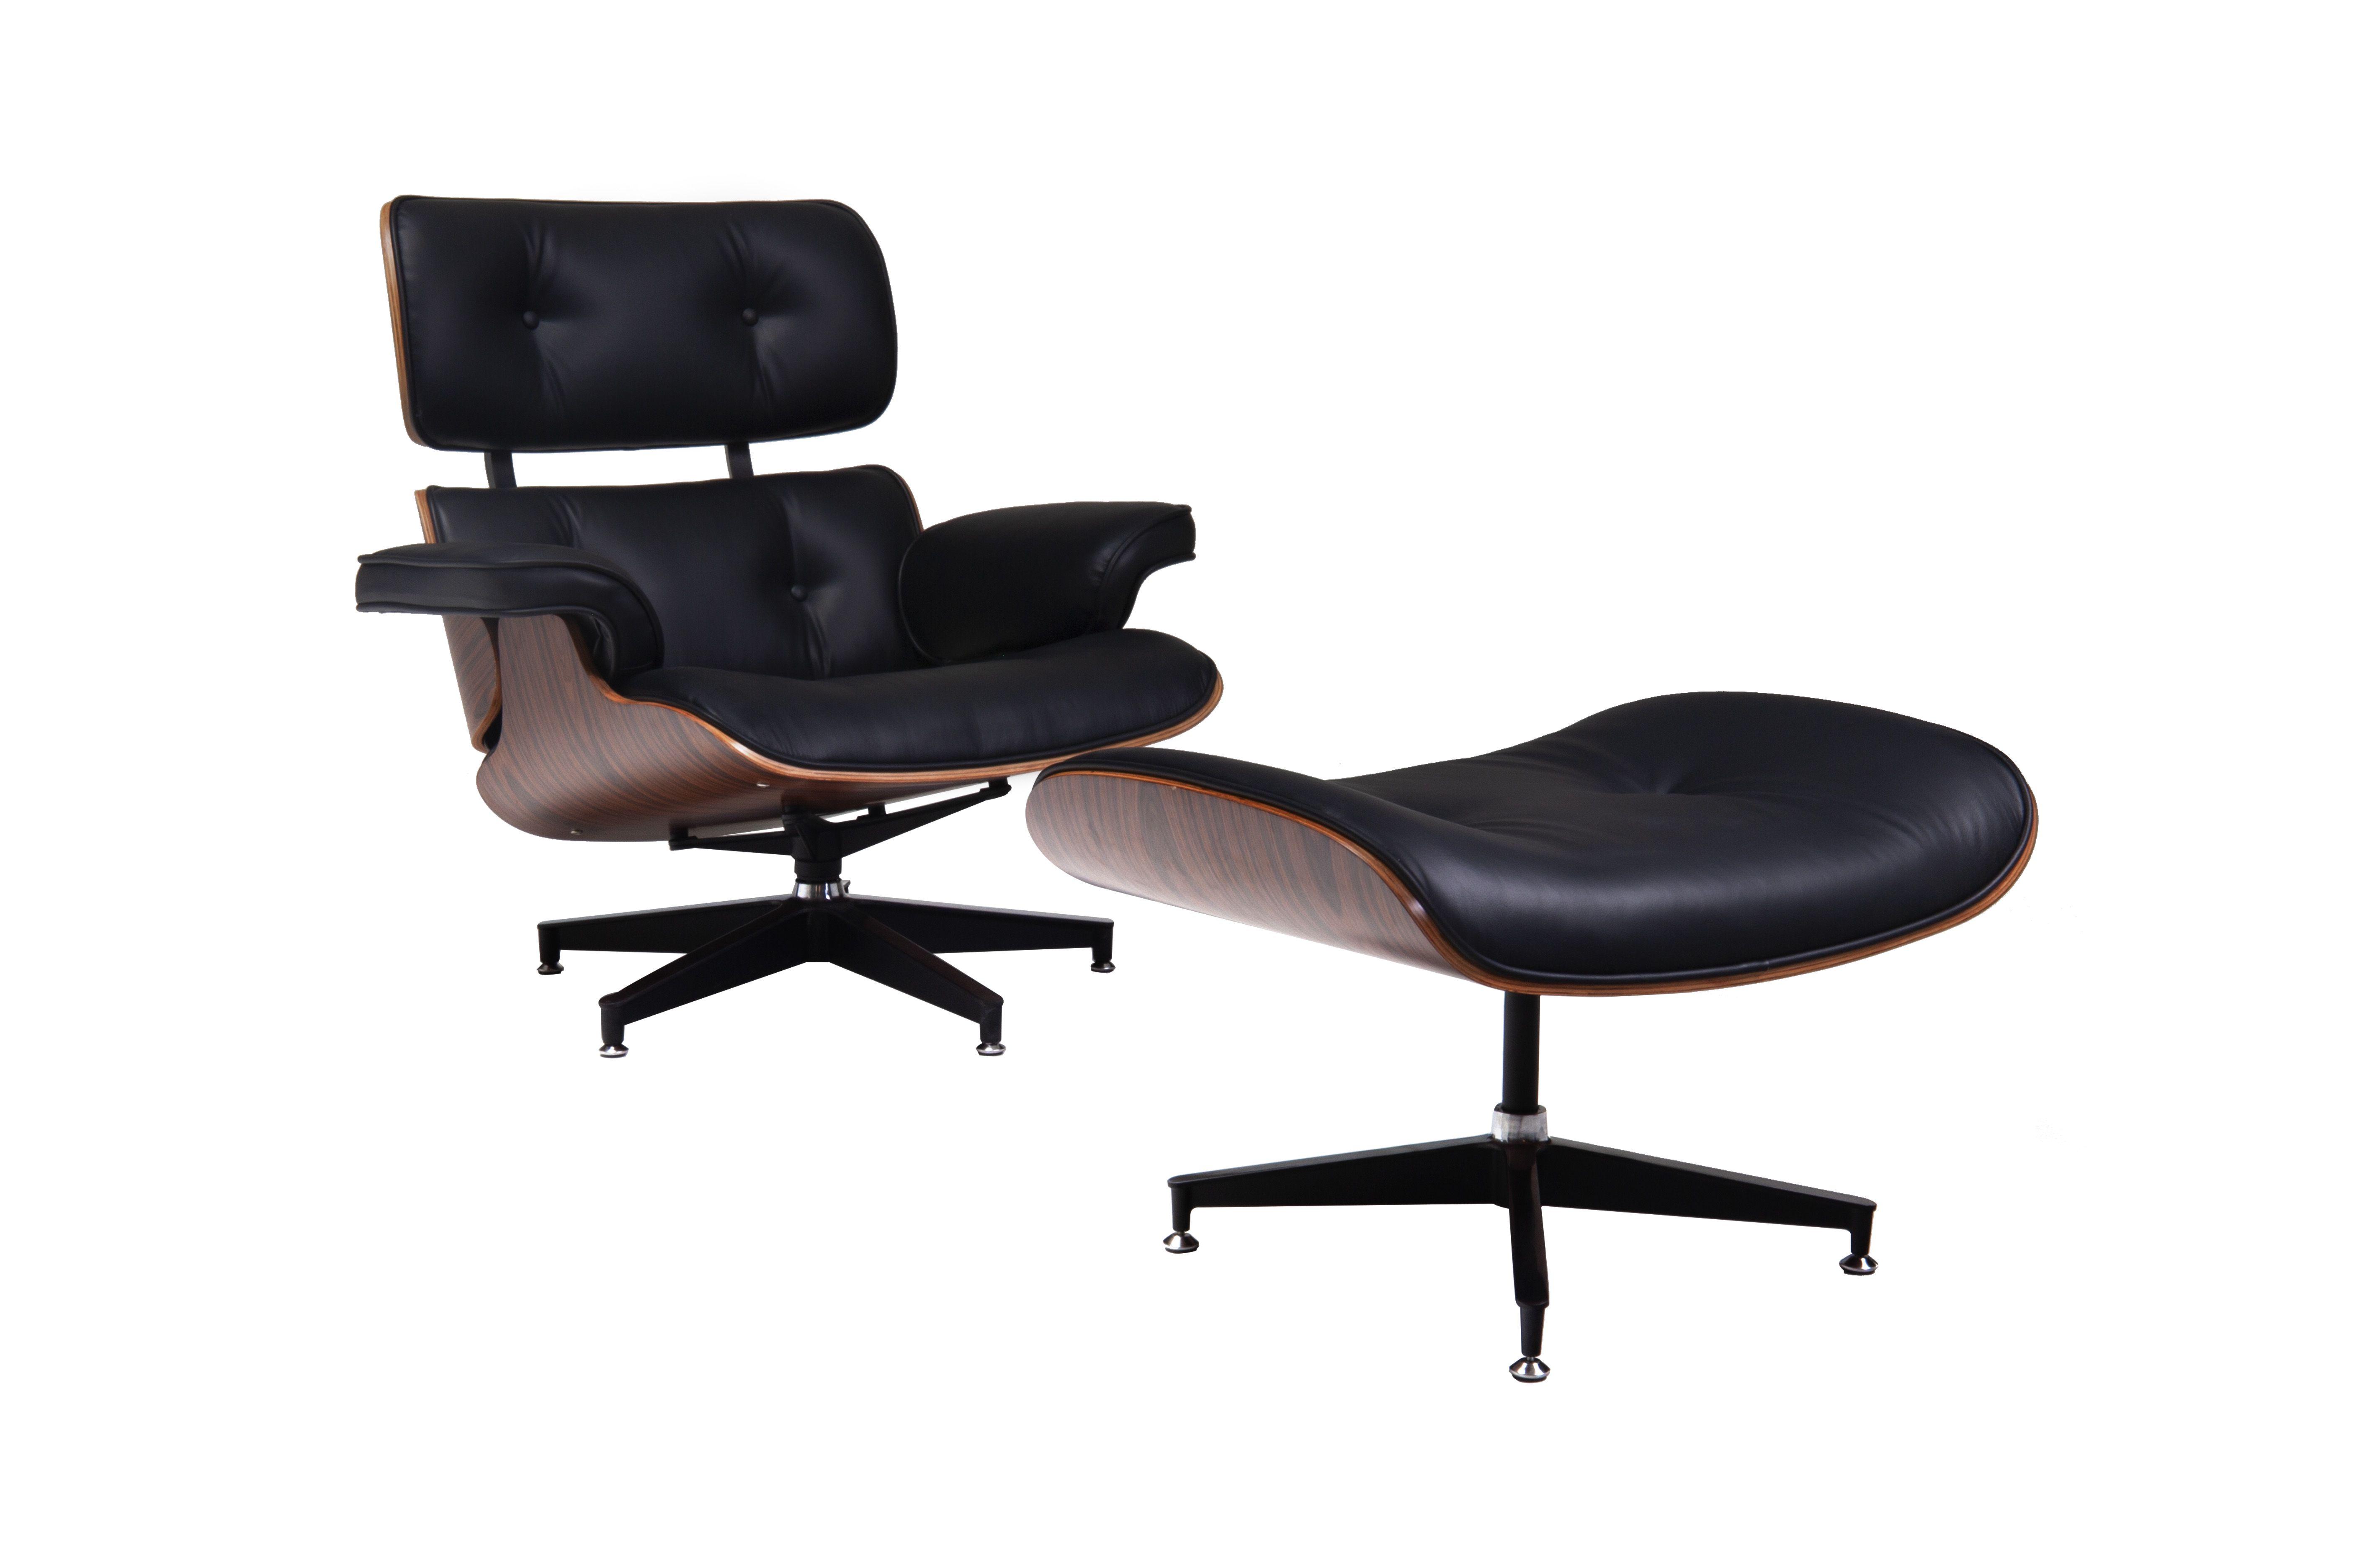 Fauteuil Glostrup met voetenbankje - Zwart - LiL Design